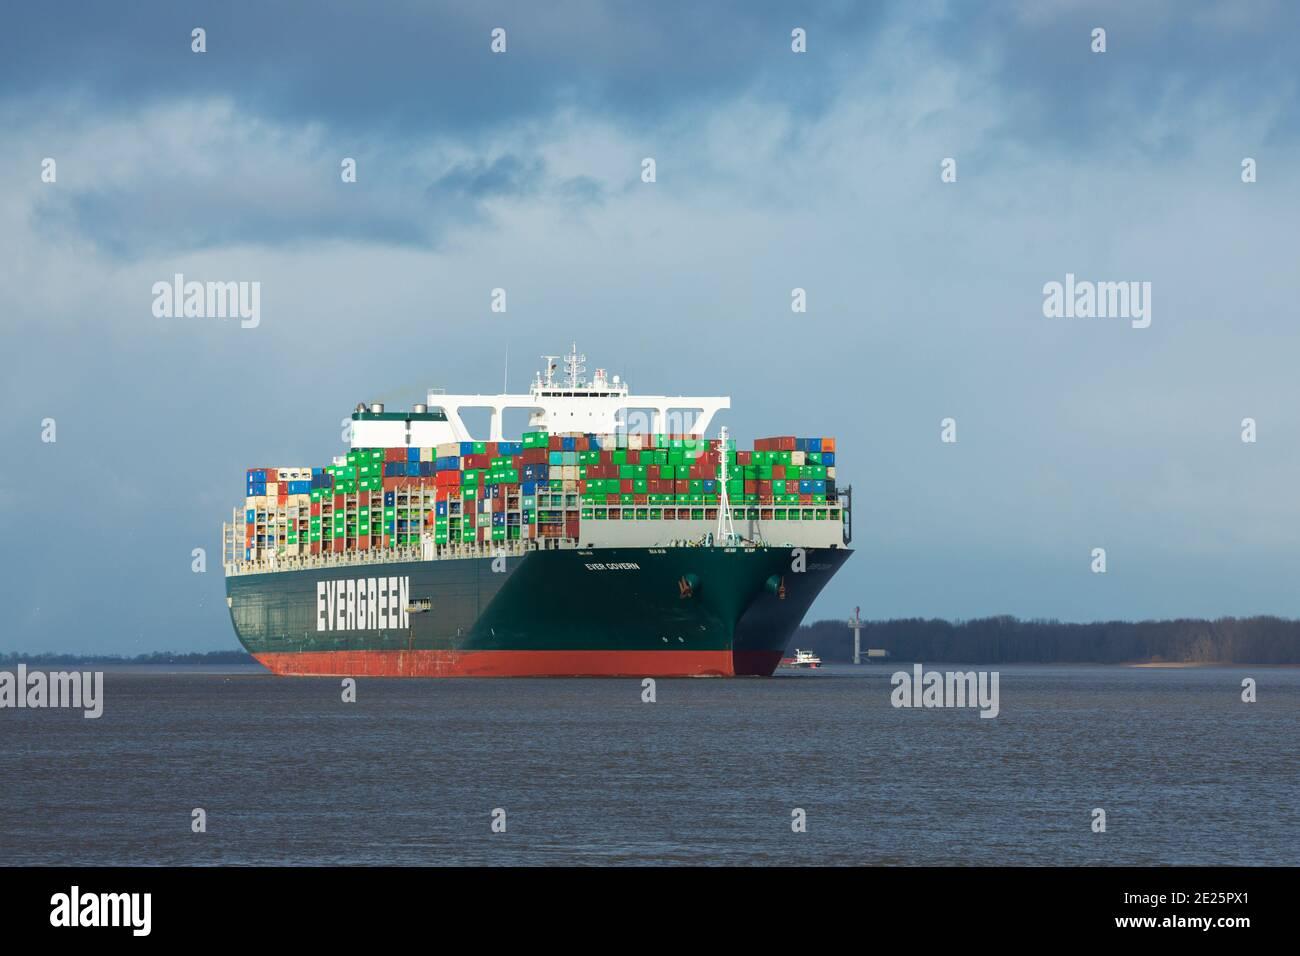 Stade, Allemagne - 12 janvier 2021 : un navire à conteneurs GOUVERNE TOUJOURS sur l'Elbe en direction de Hambourg. Le navire est exploité par EVERGREEN Marine et voiles u Banque D'Images